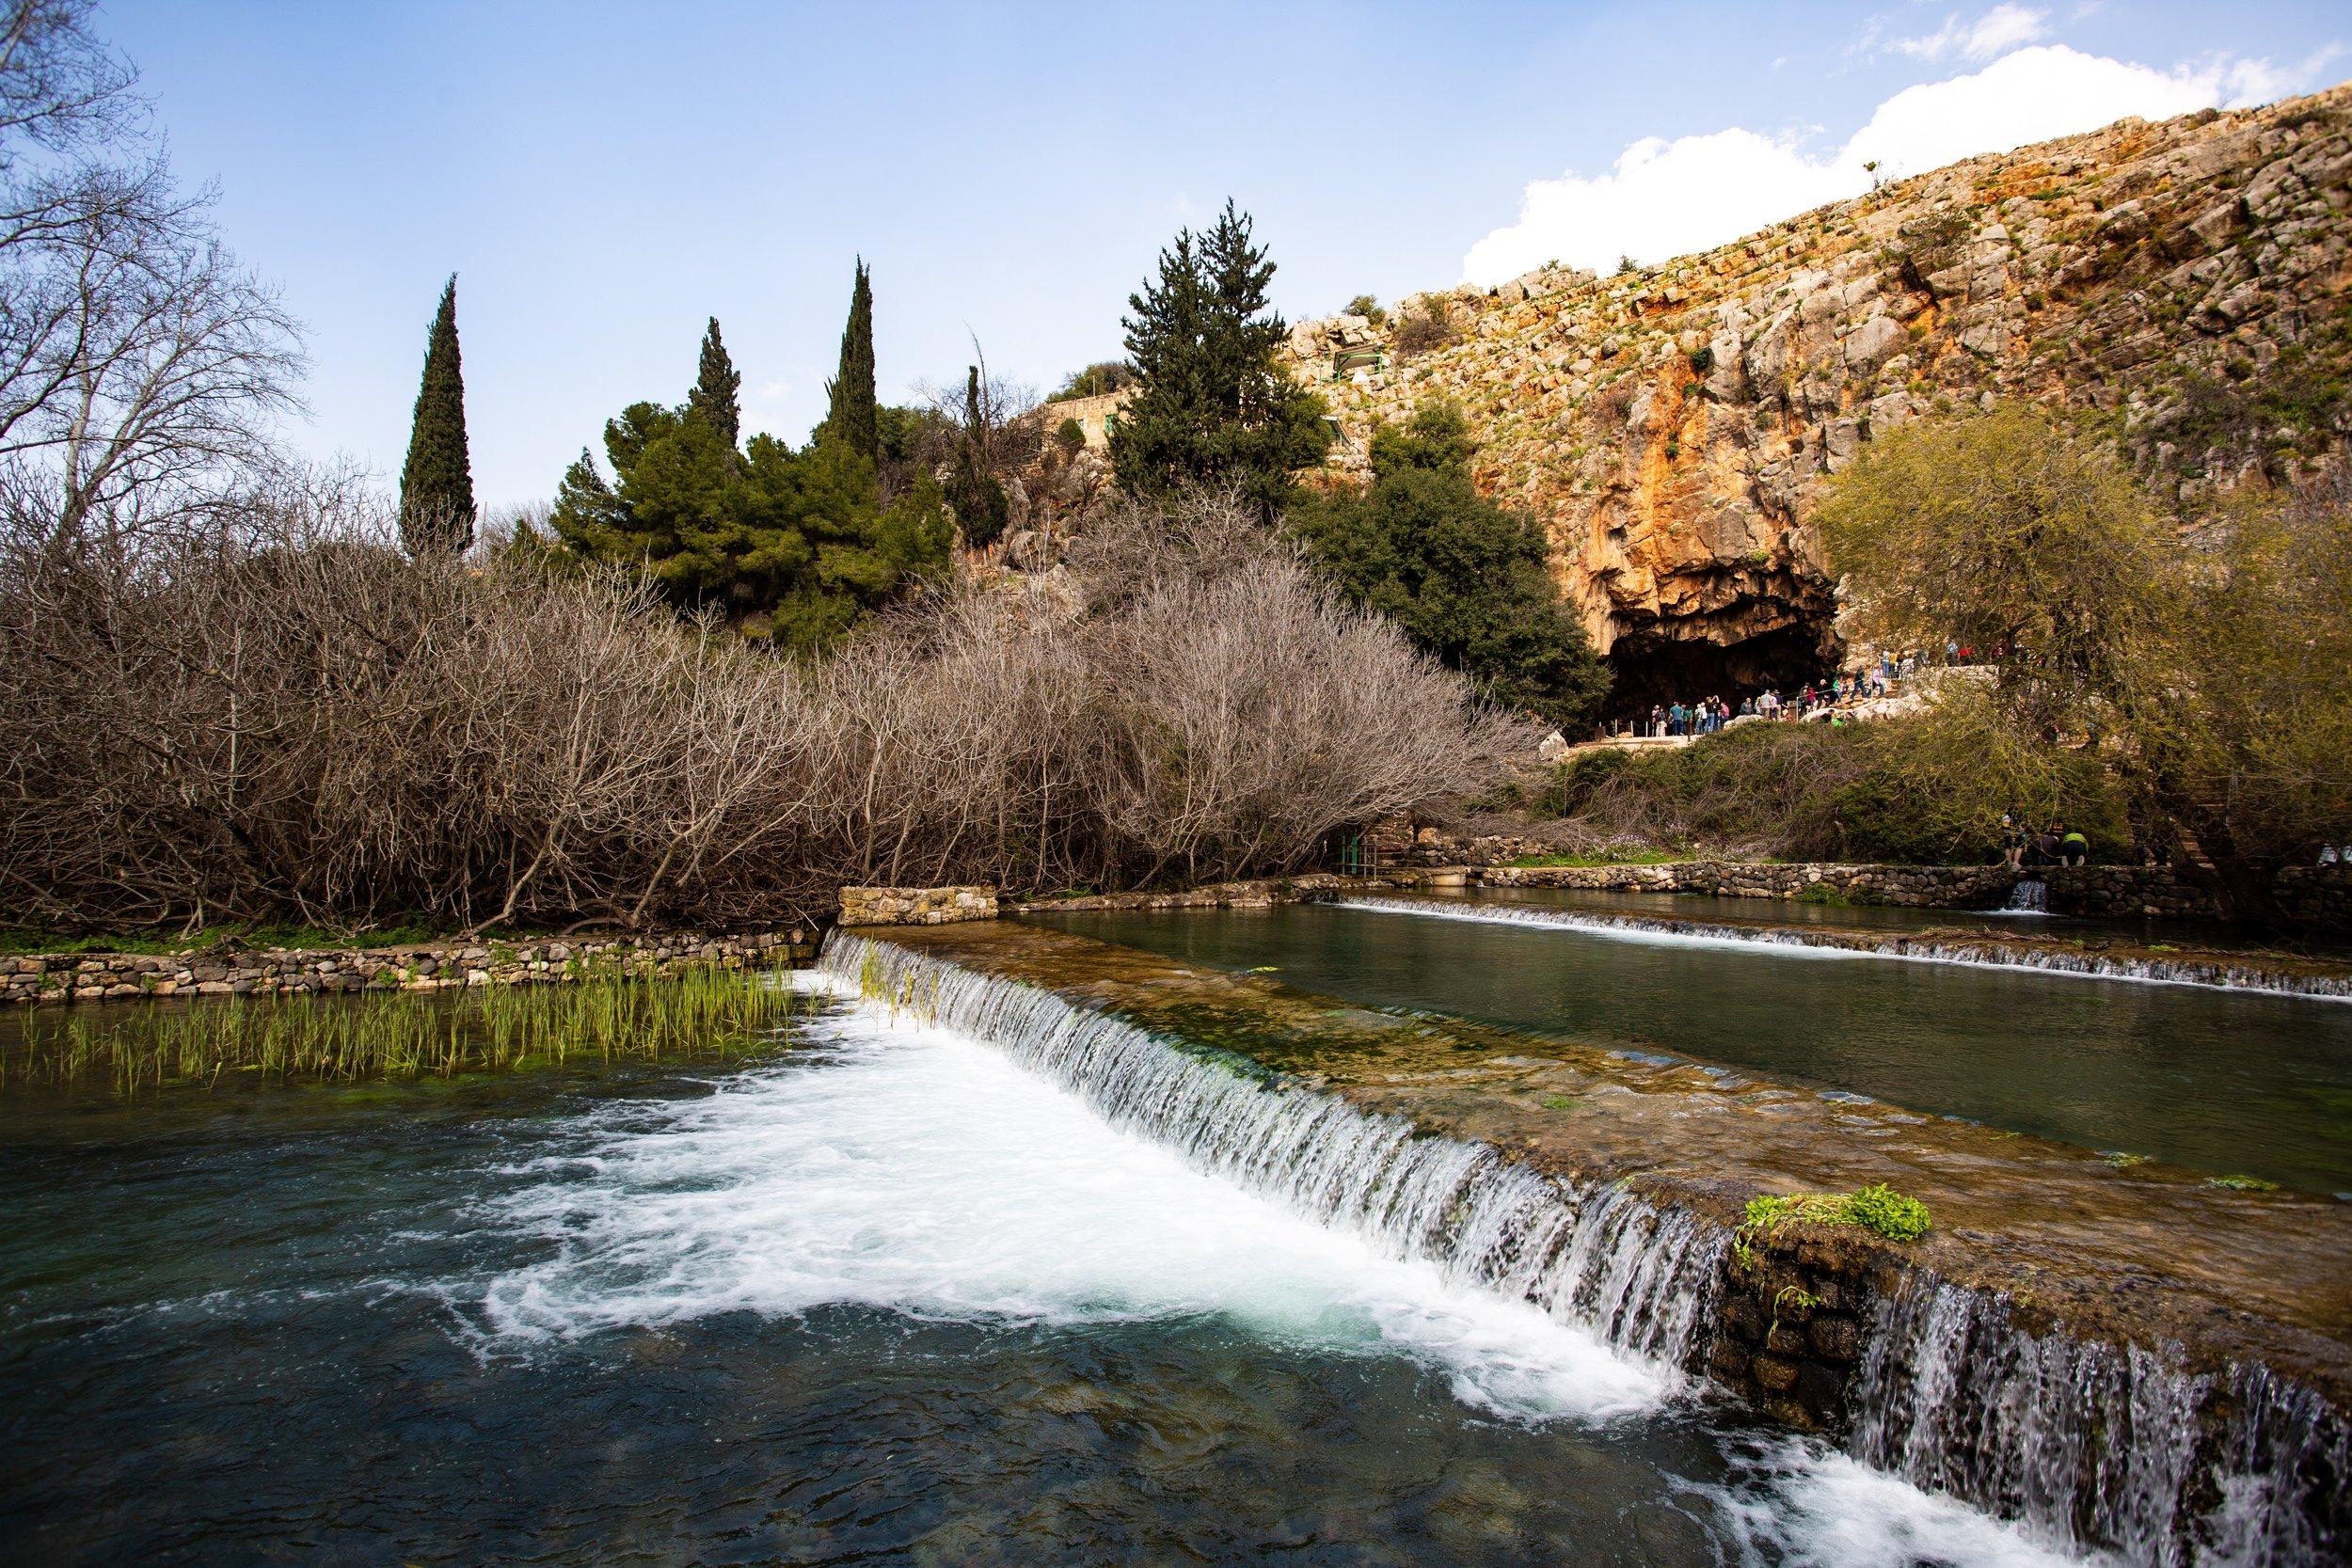 Banias Nature Reserve (Caesarea Philippi)